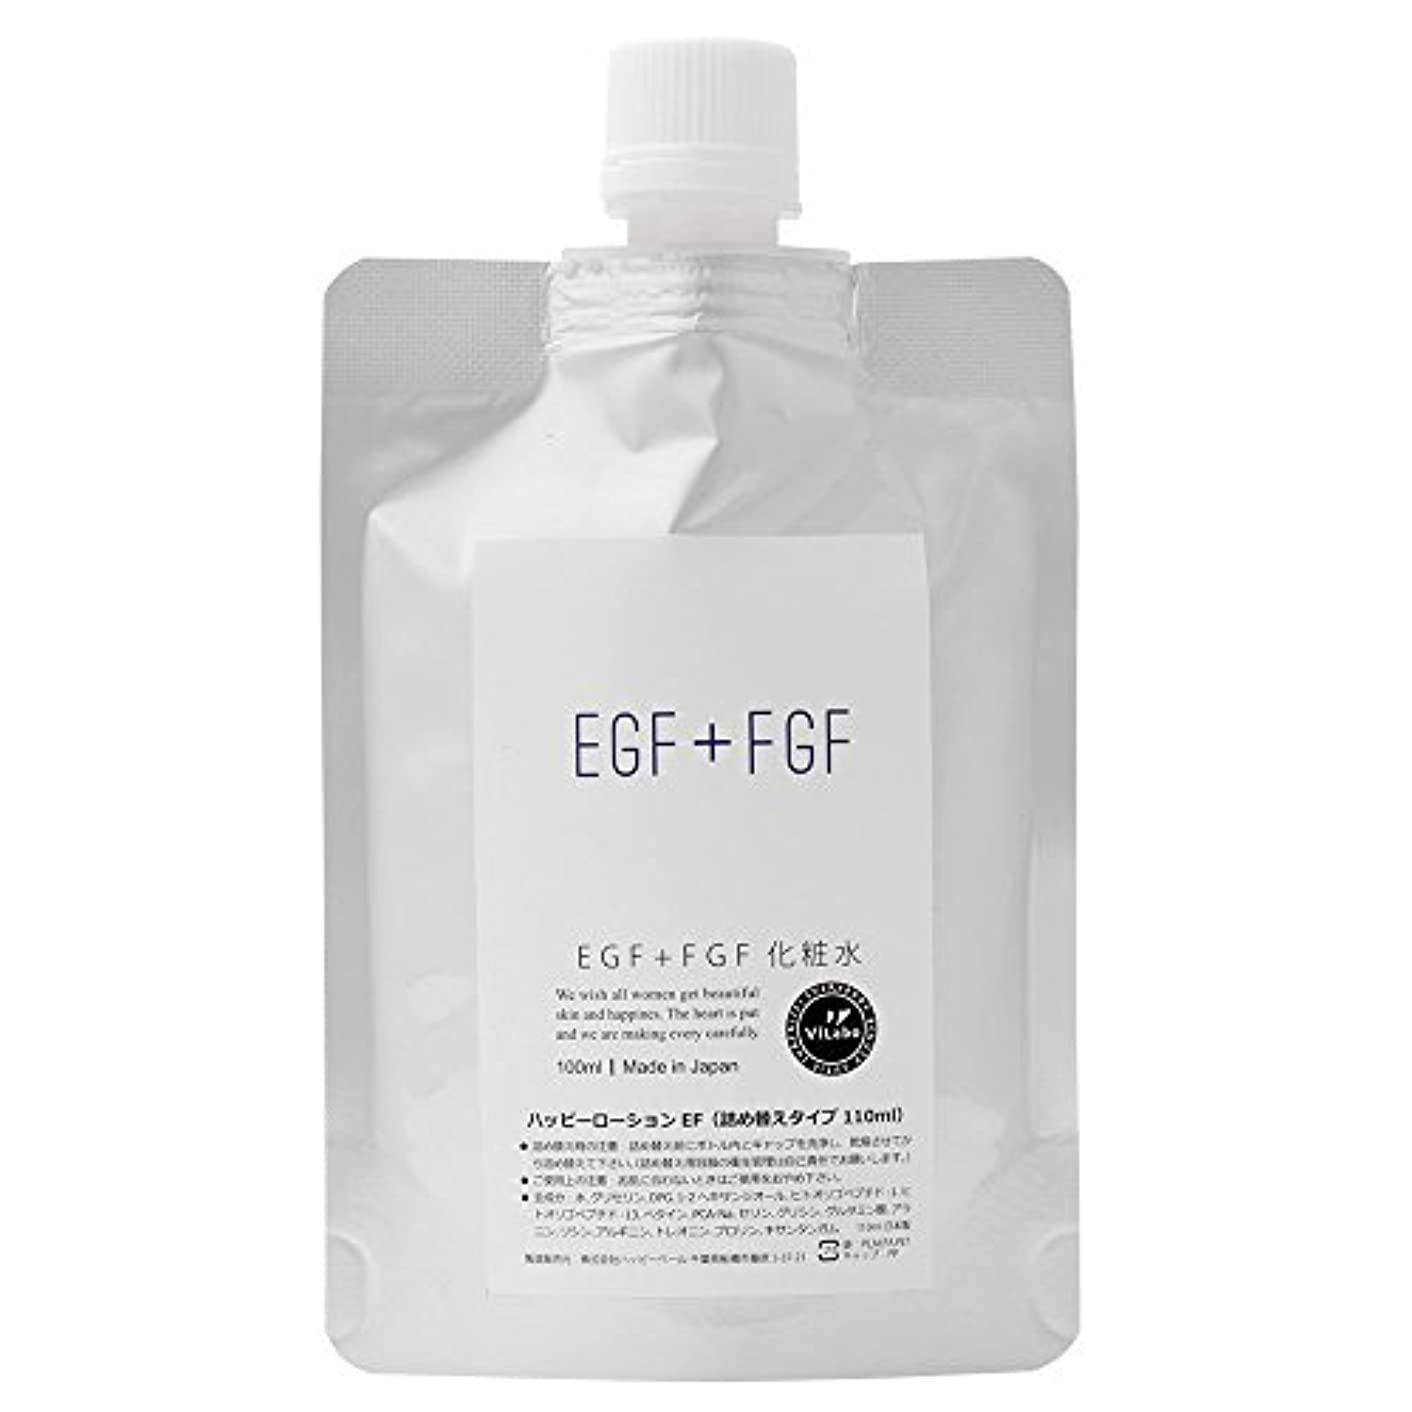 知人温かい起きてEGF+FGF化粧水-天然温泉水+高級美容成分の浸透型化粧水-品名:ハッピーローションEF ノンパラベン、アルコール、フェノキシエタノール、石油系合成界面活性剤無添加 (詰め替えパウチ110ml)